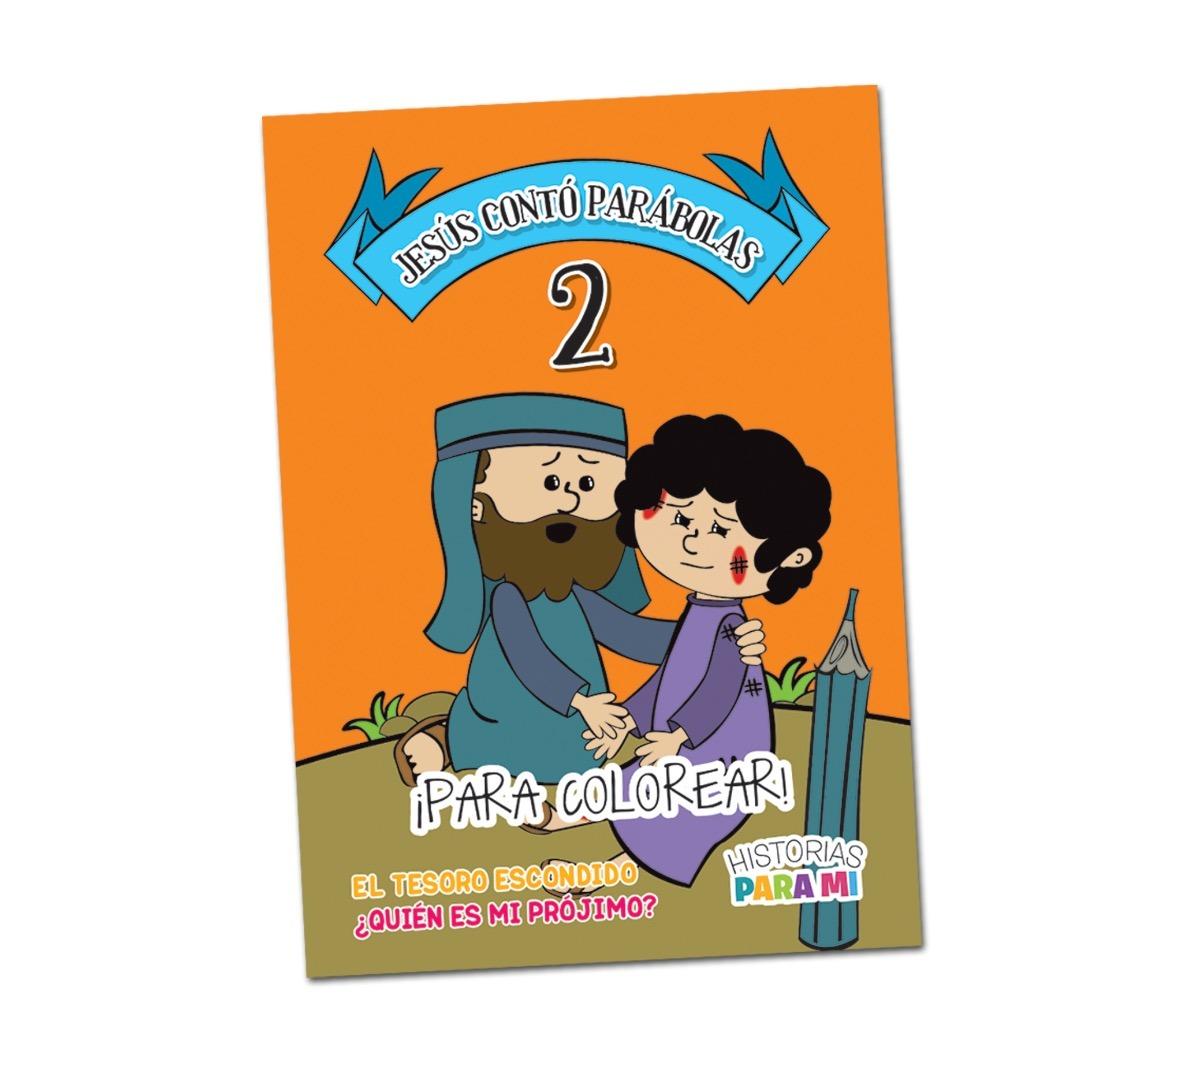 Jesús Contó Parábolas 2 · Para Colorear - $ 89,00 en Mercado Libre